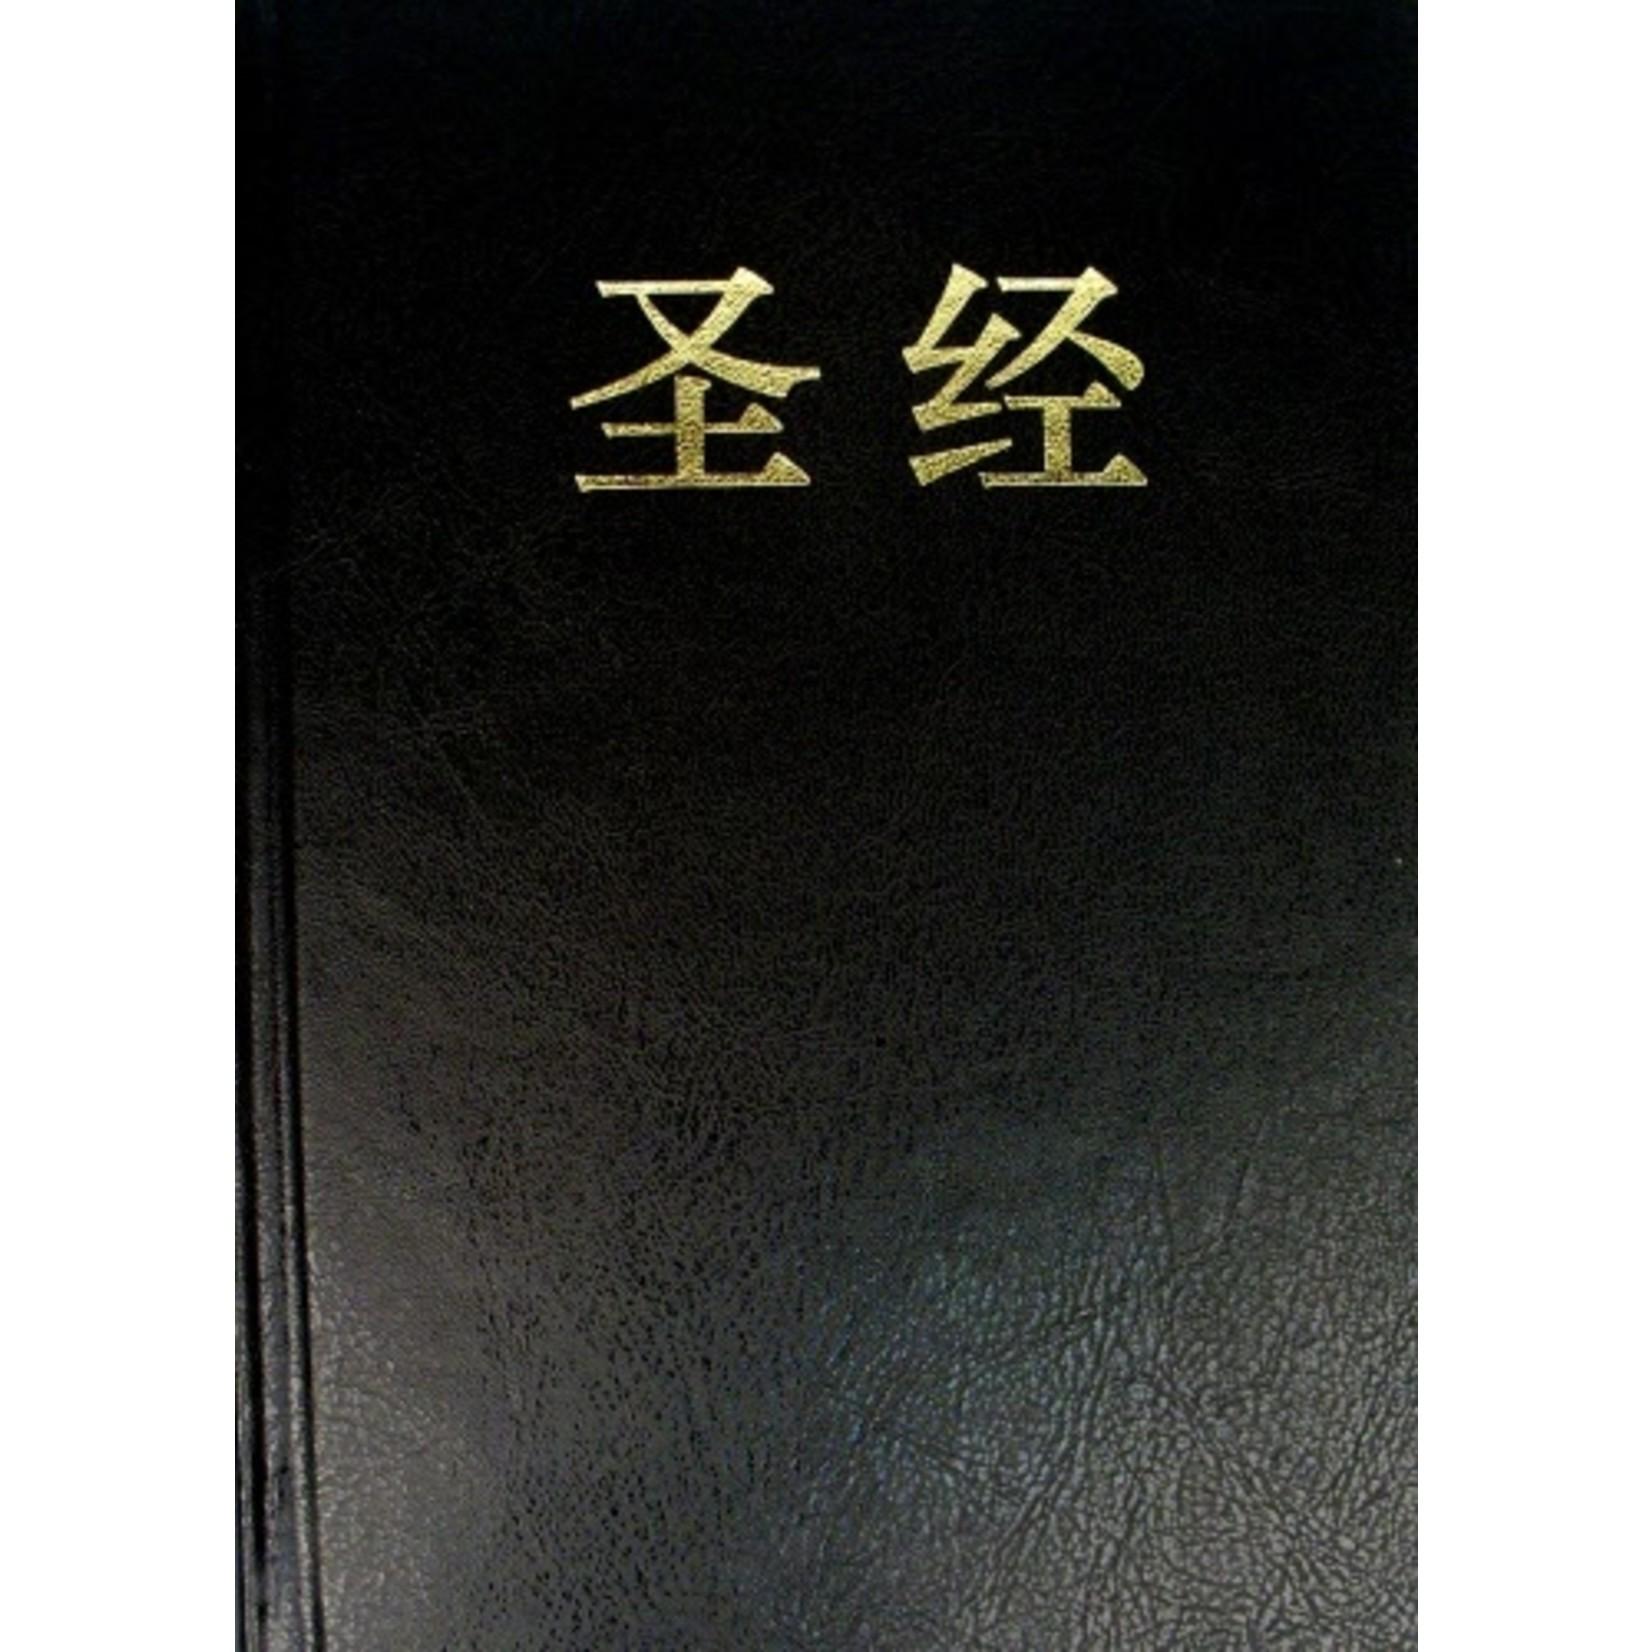 基督使者協會 Ambassadors for Christ 聖經.和合本.黑色硬面.簡體